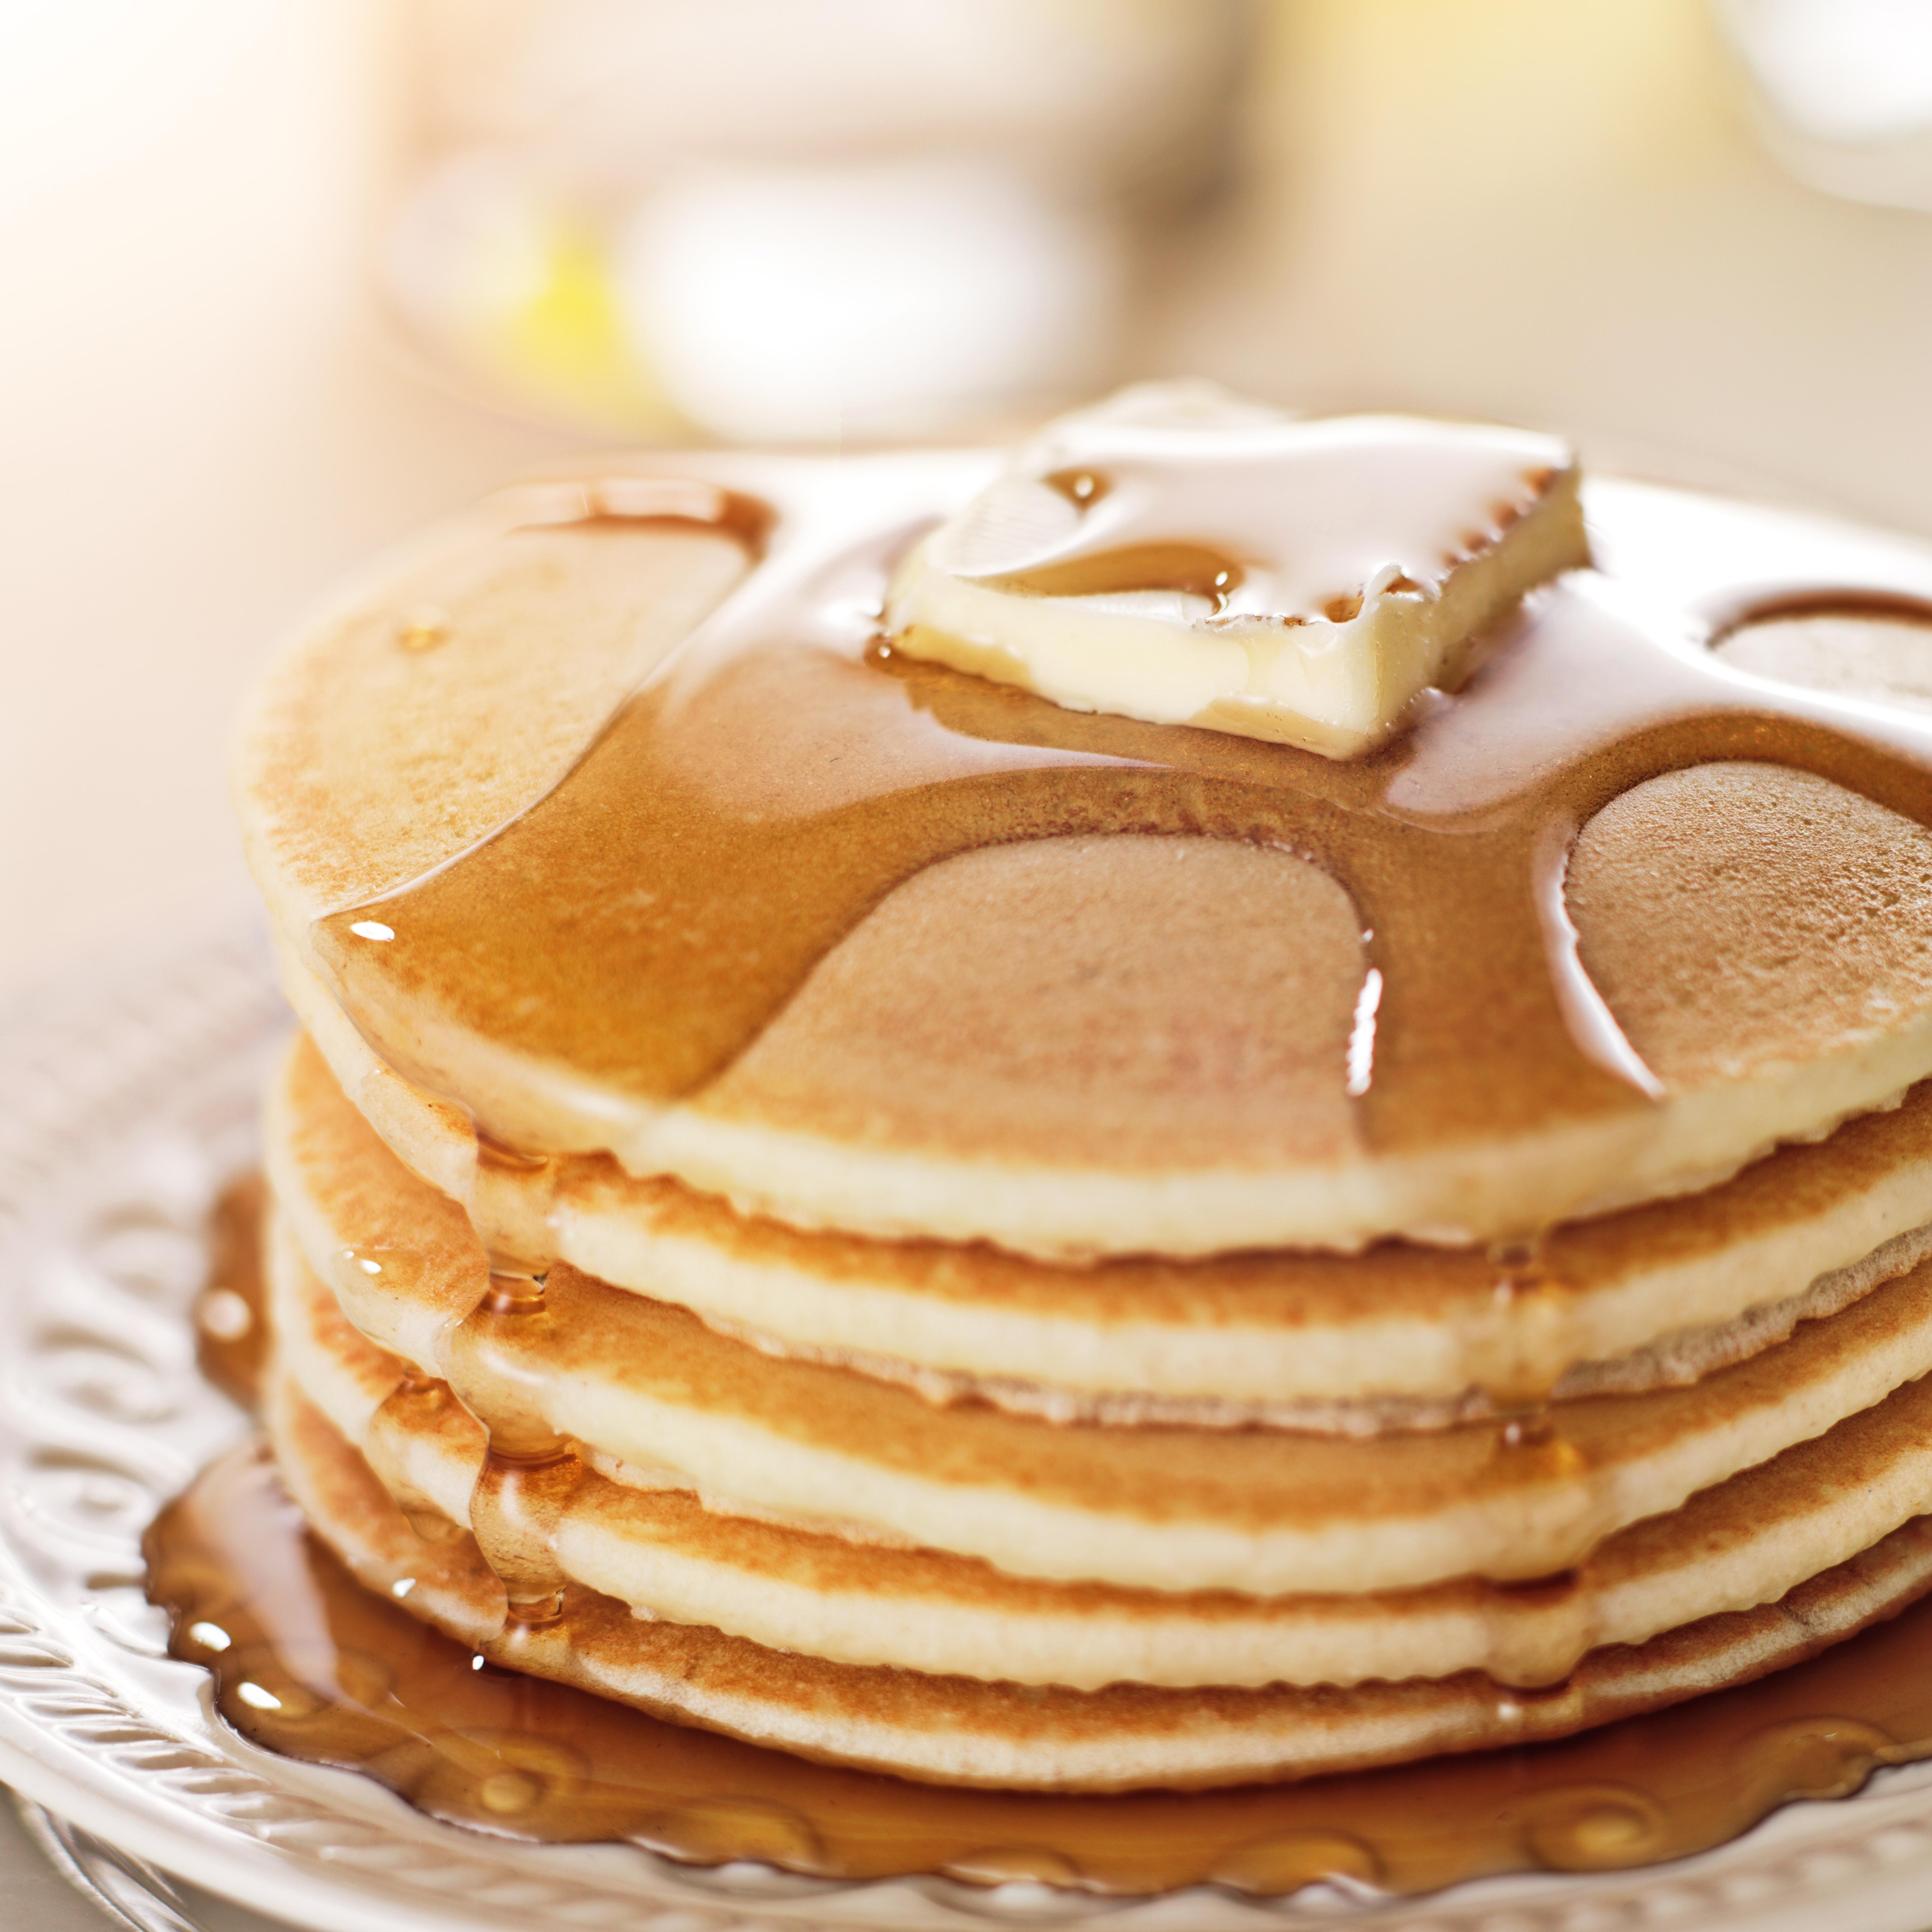 Desktop Wallpaper Pancake h634220 Food HD Images 5374x5374